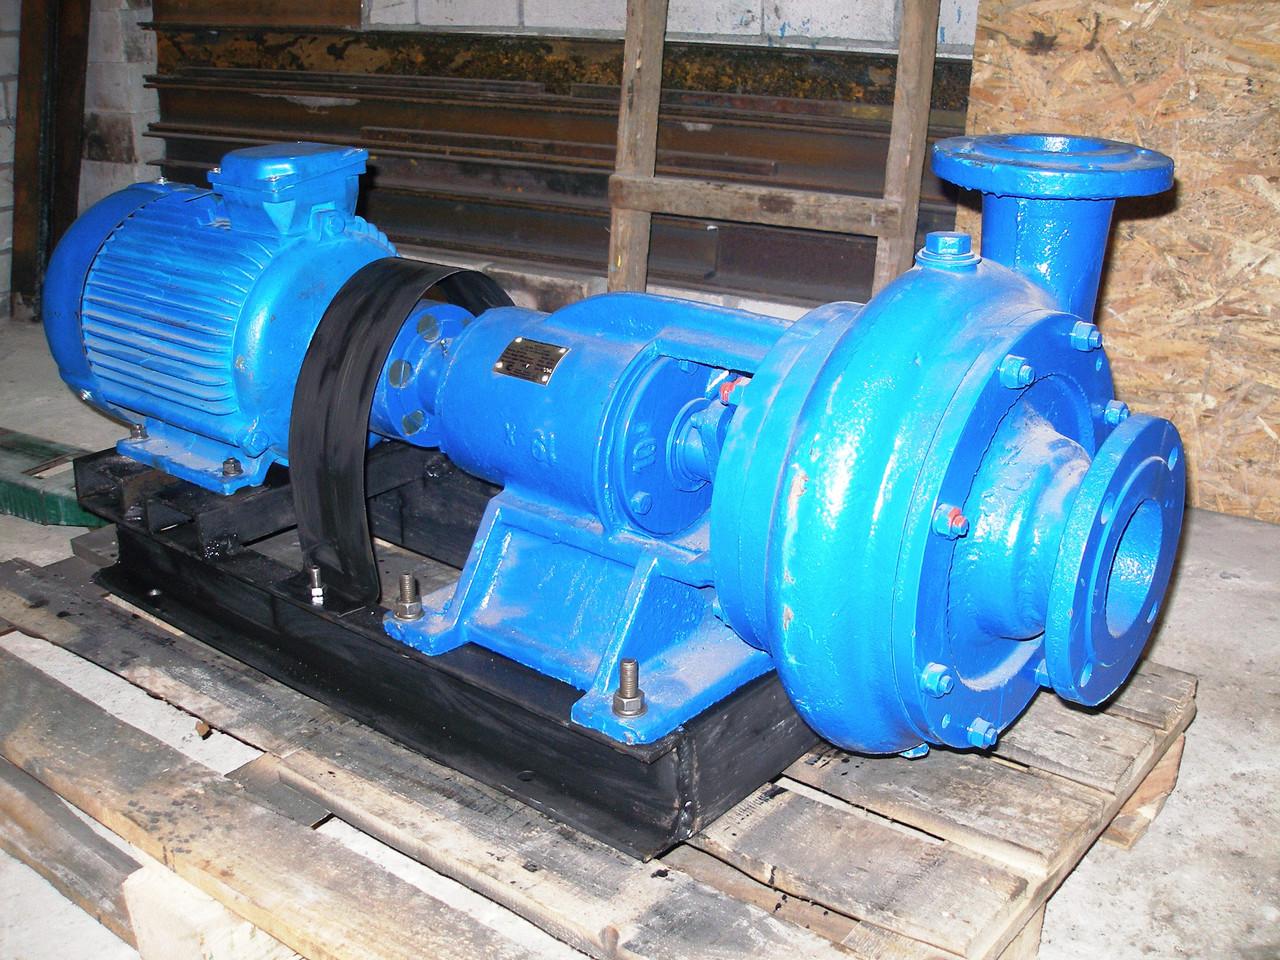 Насос фекальный СД 80/32б с эл.двиг. 11 кВт/1500 об.мин, фото 1